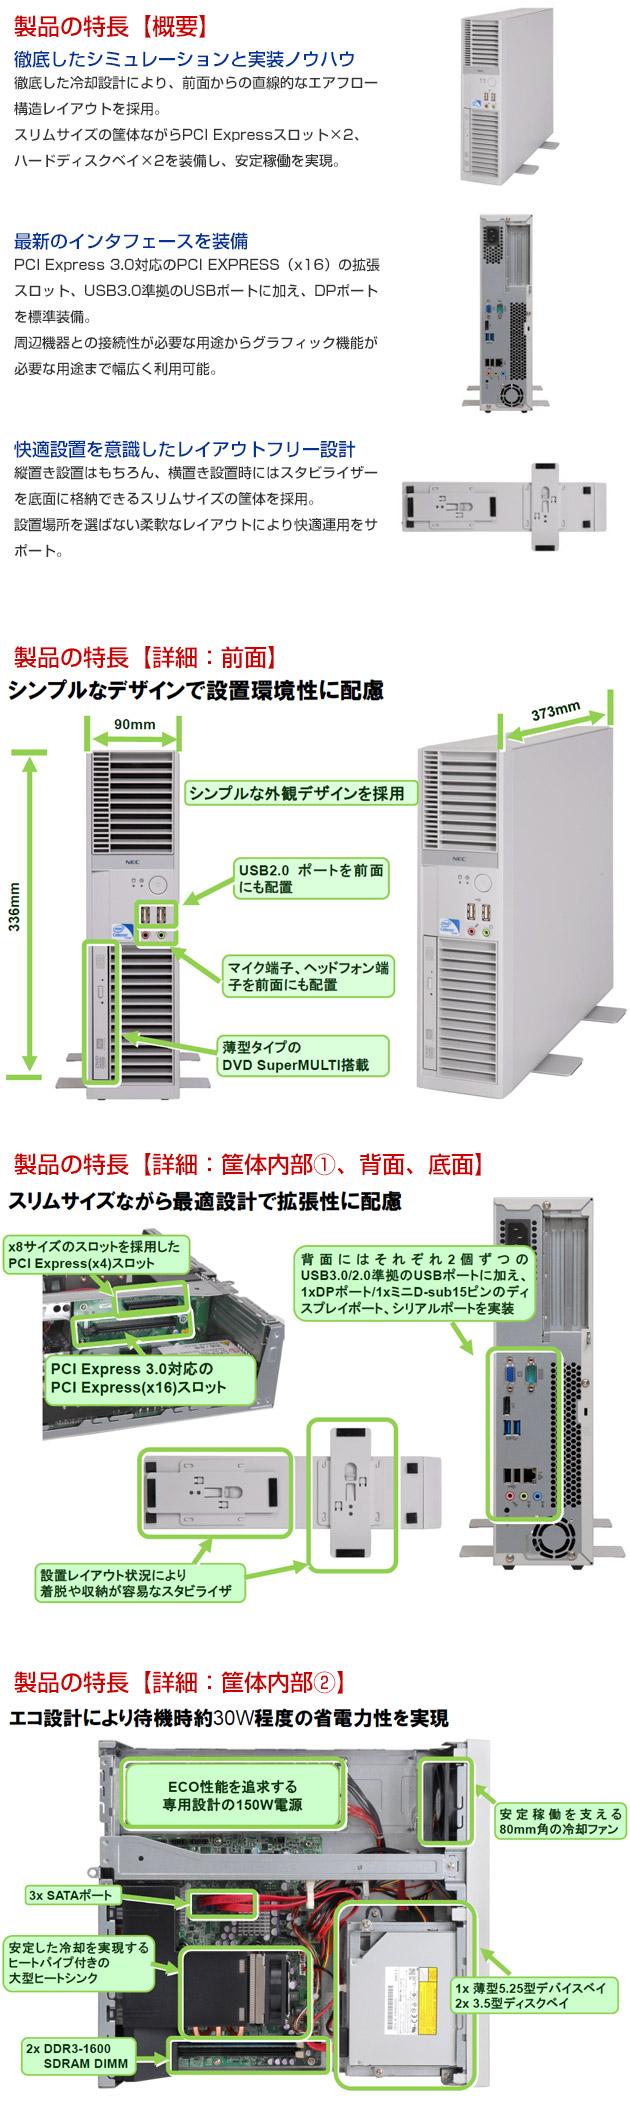 P814164395_naka.jpg